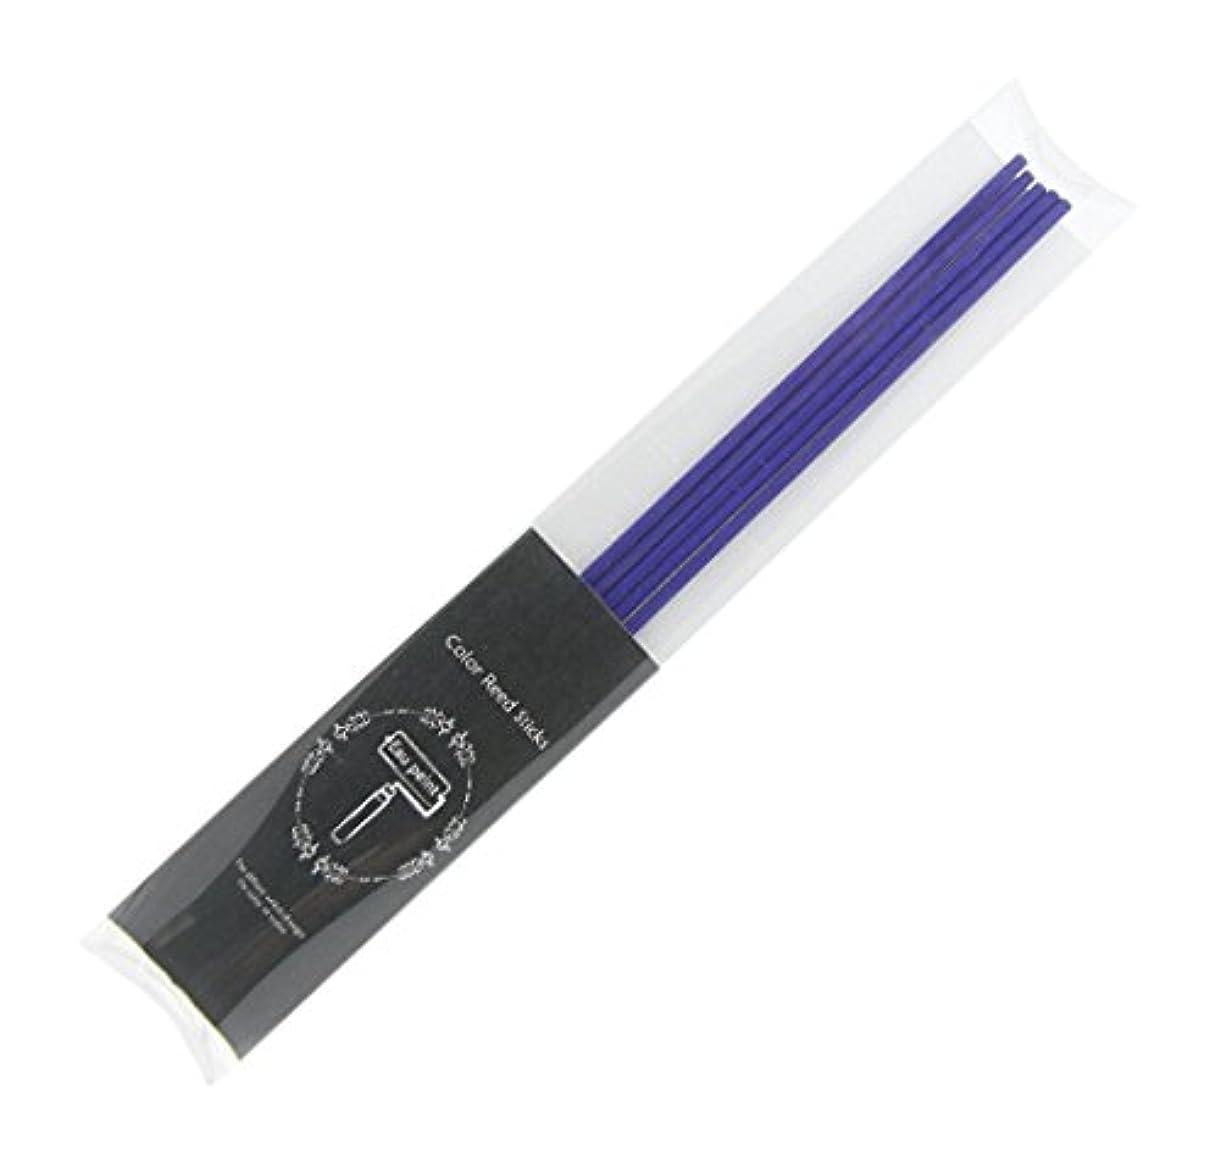 束冊子カフェテリアEau peint mais+ カラースティック リードディフューザー用スティック 5本入 パープル Purple オーペイント マイス